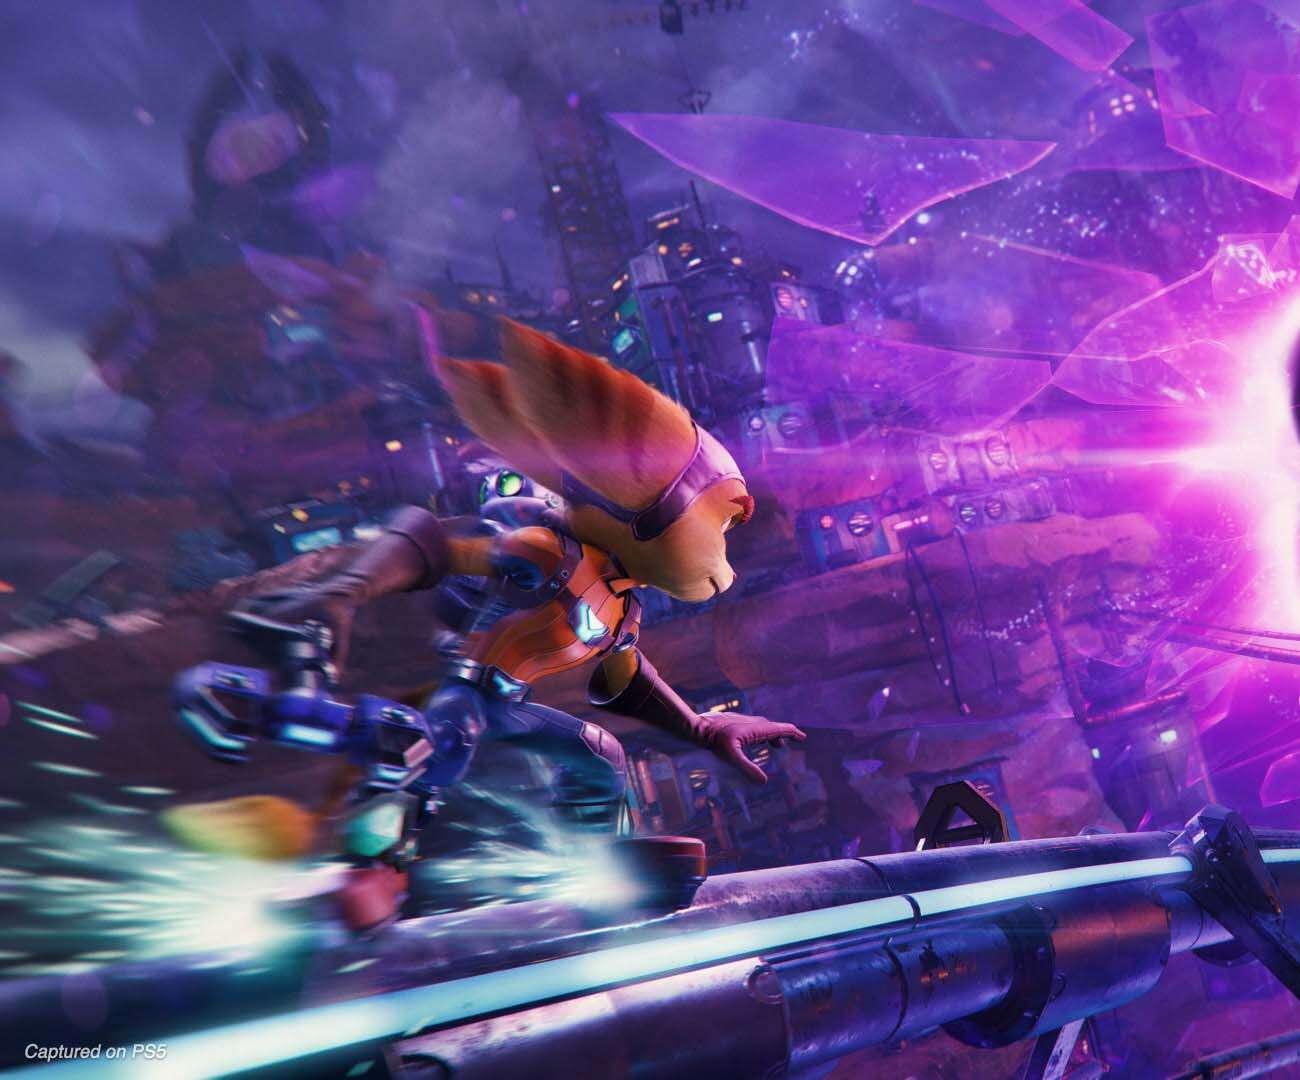 Reklama PS5 zdradza orientacyjne daty premier Gran Turismo 7 i Ratchet and Clank